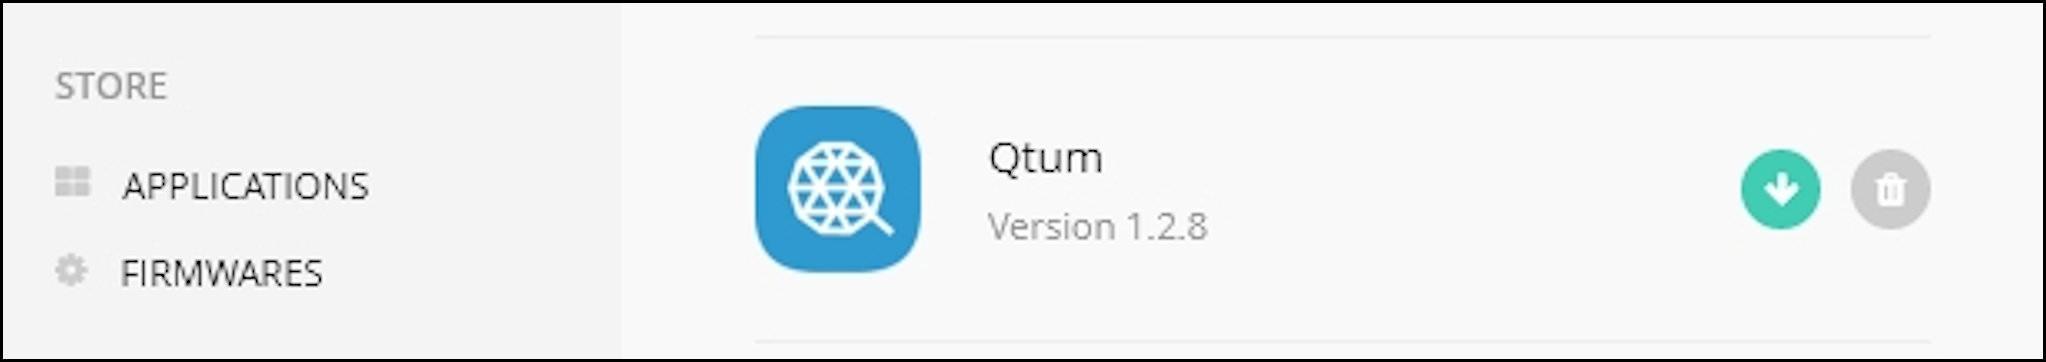 13. Qtum App EN